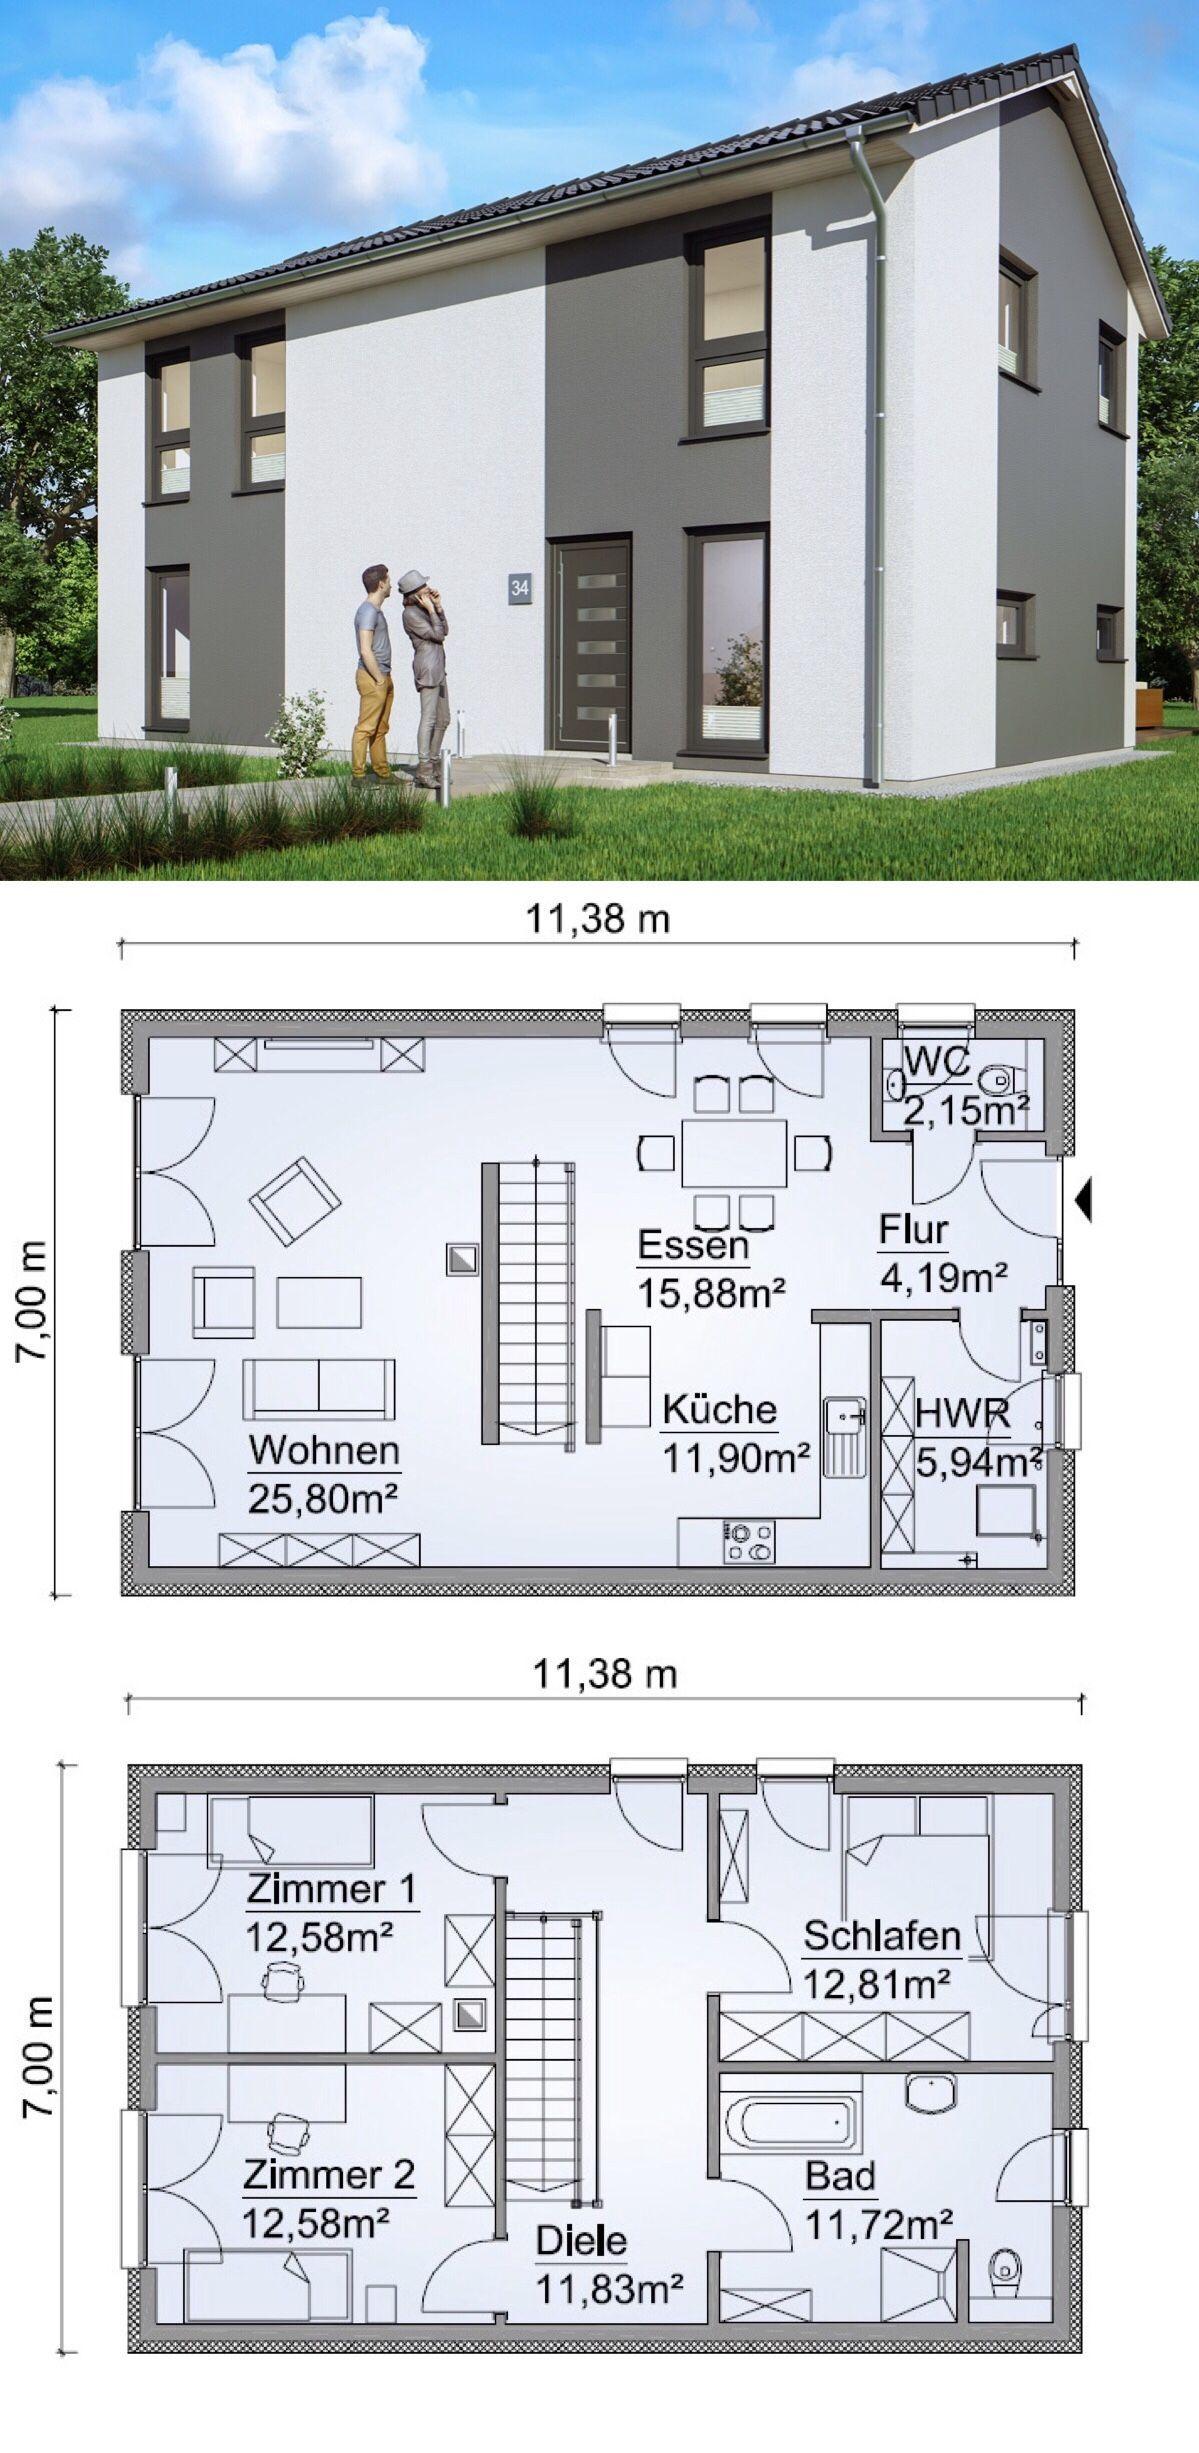 Einfamilienhaus Neubau Modern Mit Satteldach Architektur Grundriss Schmal Gerade Treppe Kuche Offen 4 Z Einfamilienhaus Architektur Haus Design Satteldach